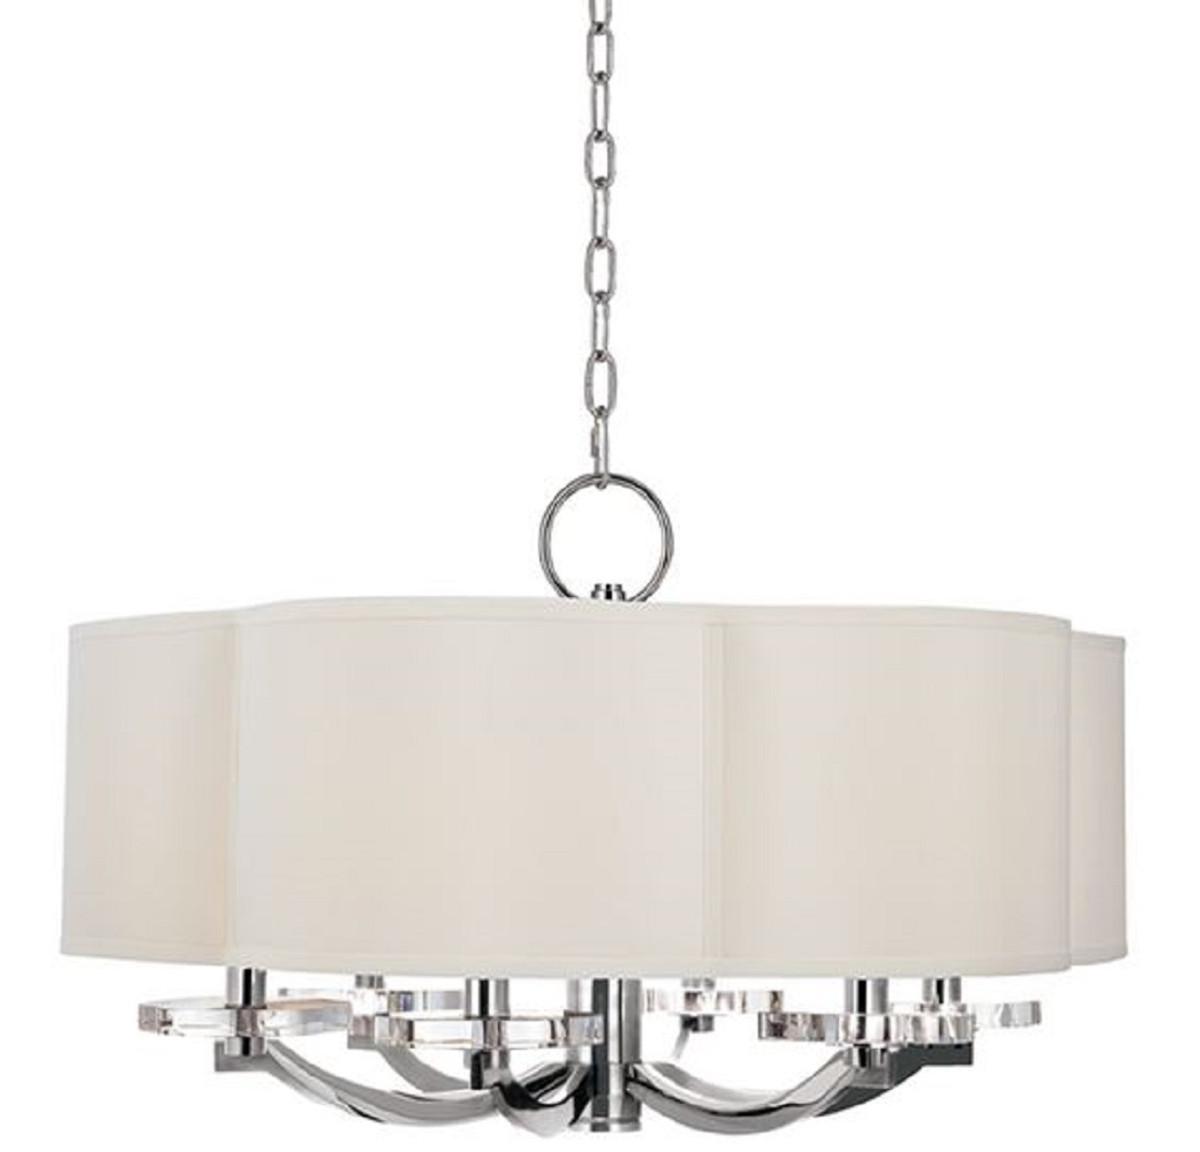 Casa Padrino Luxus Kronleuchter in Kleeblatt Form Silber / Cremefarben Ø 66 x H. 39,4 cm - Luxus Qualität 1